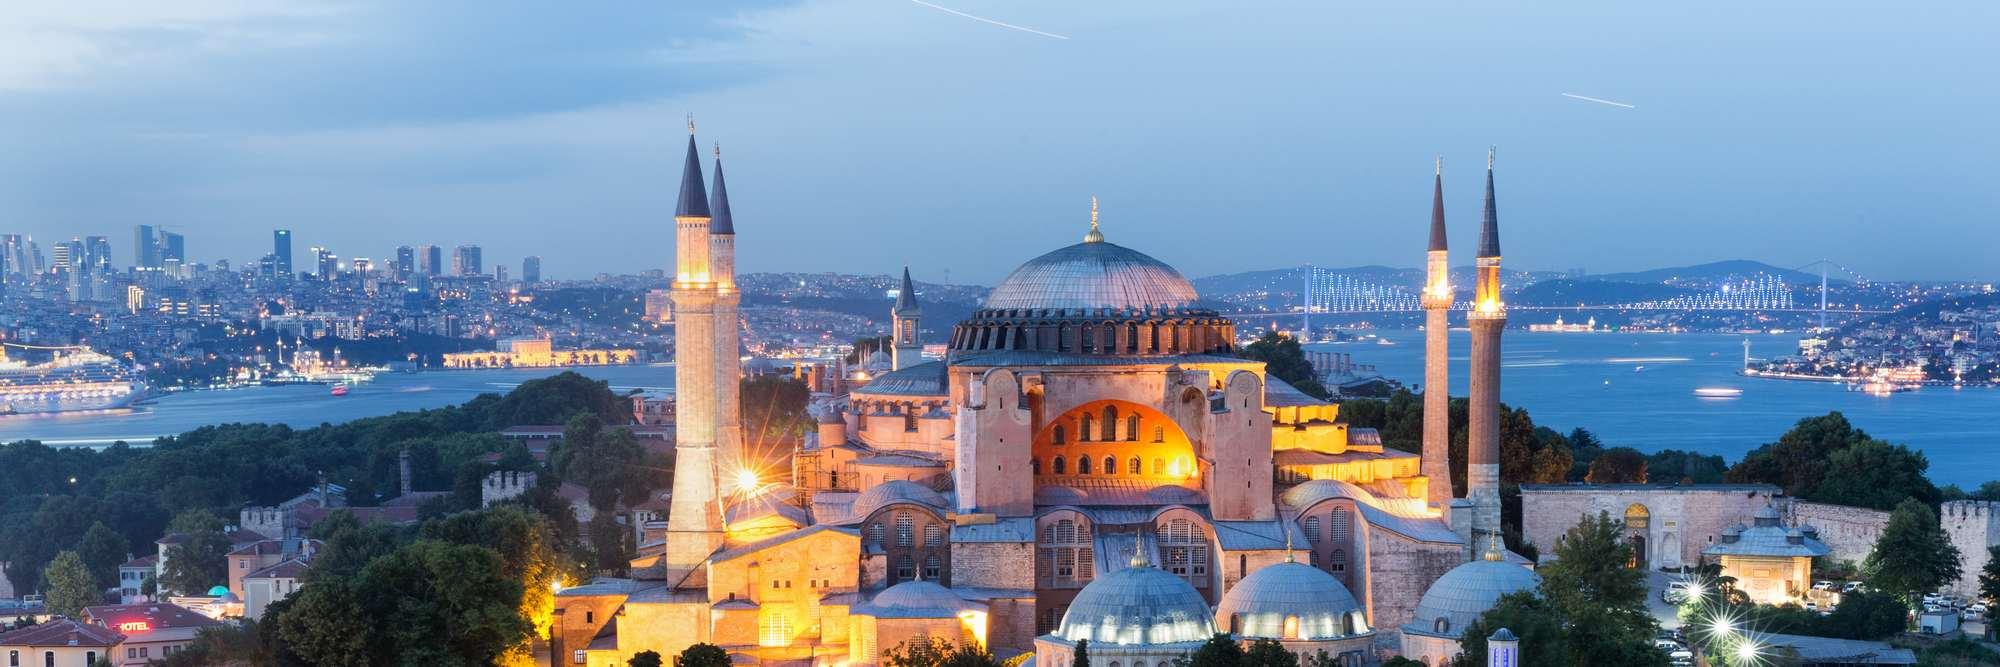 Κωνσταντινούπολη 46